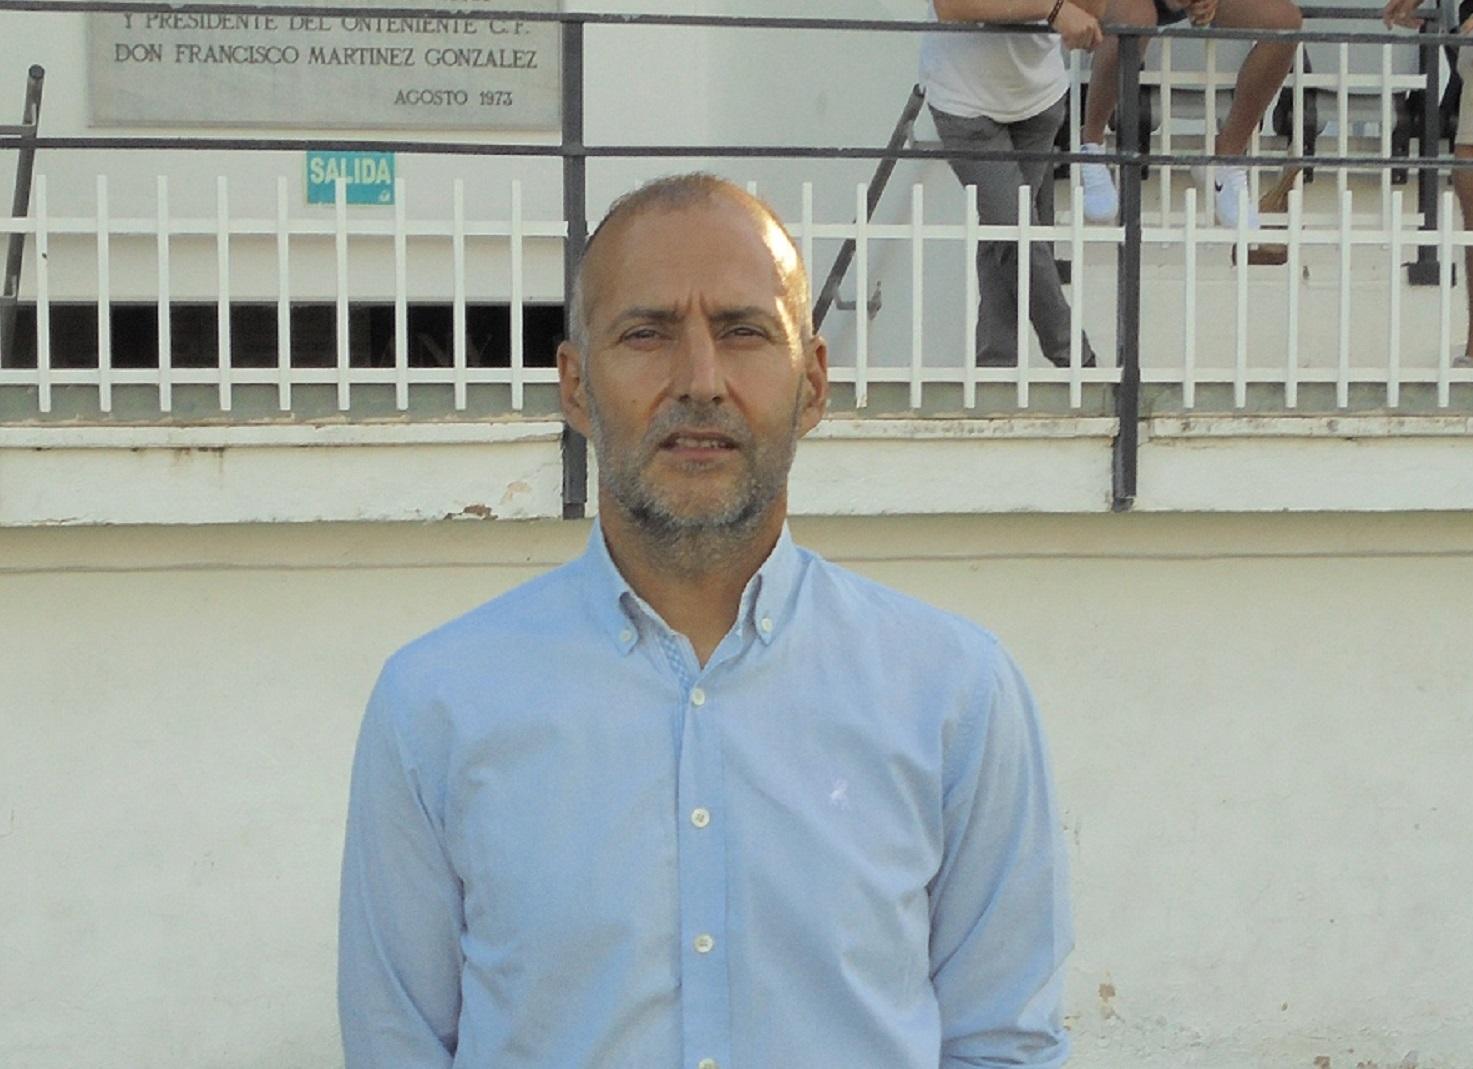 Nacho Cantó compleix la 1a setmana com a Director Tècnic de l'Escola